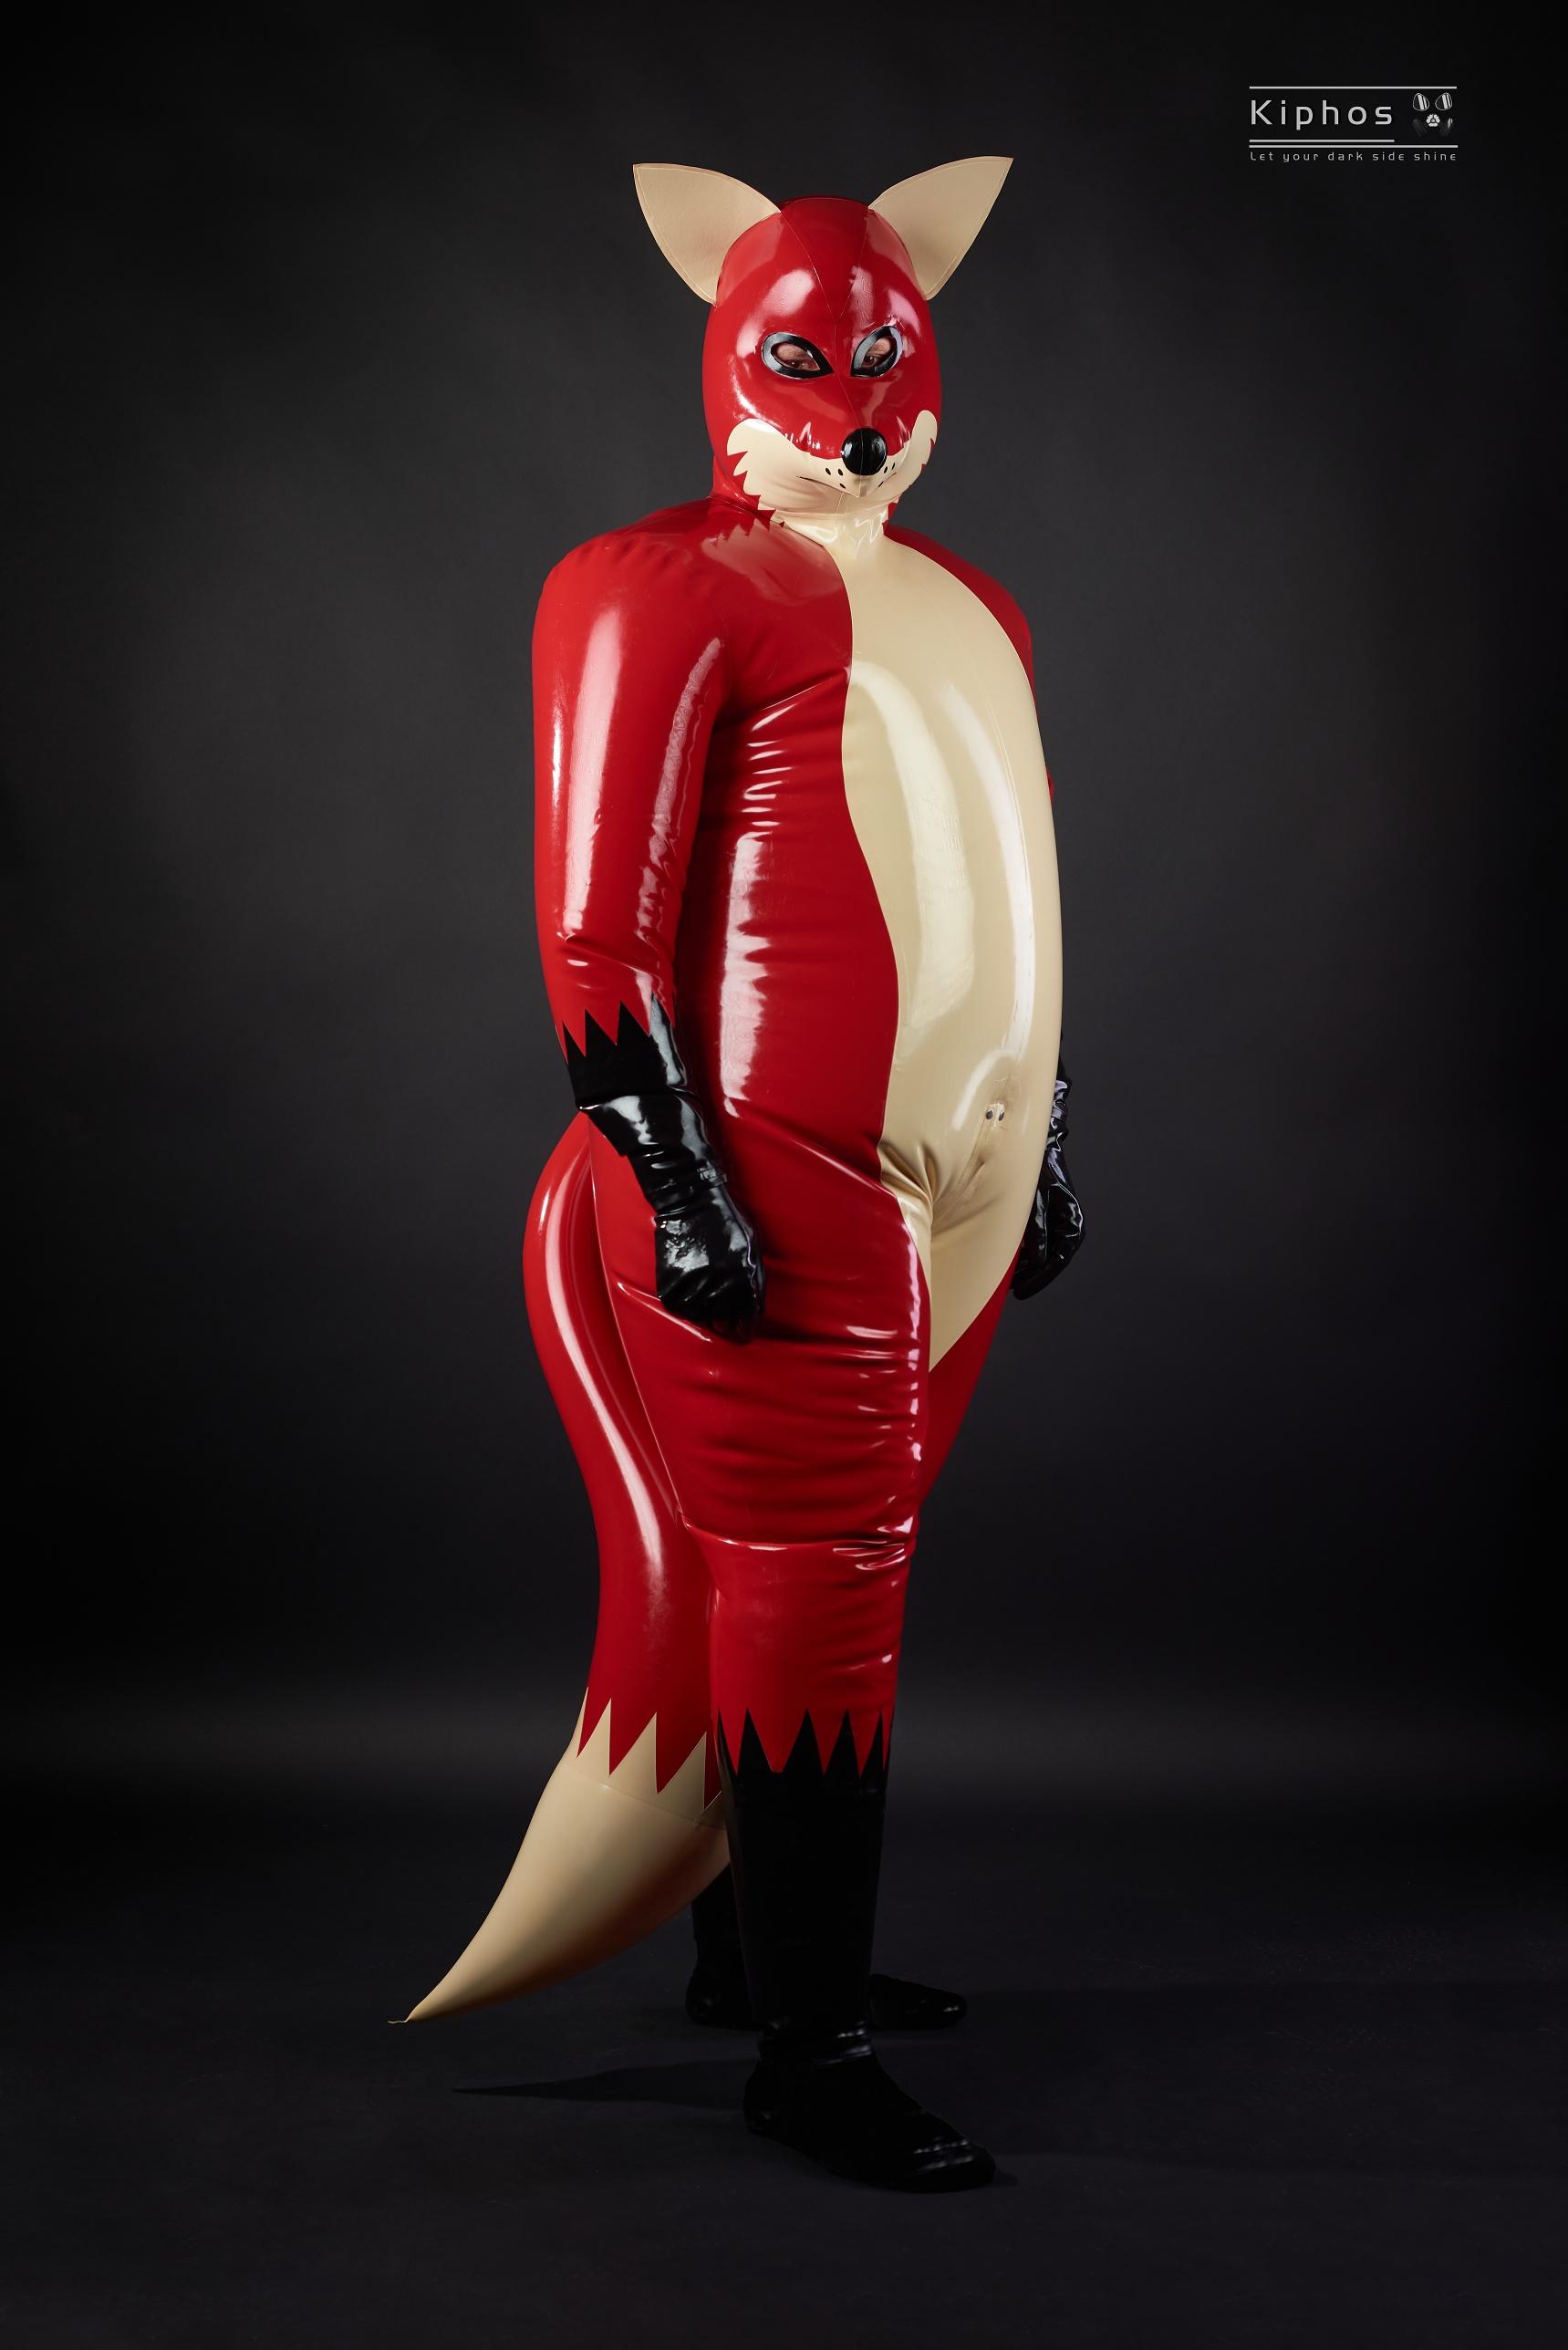 Liščí latexový kostým – Kiphos